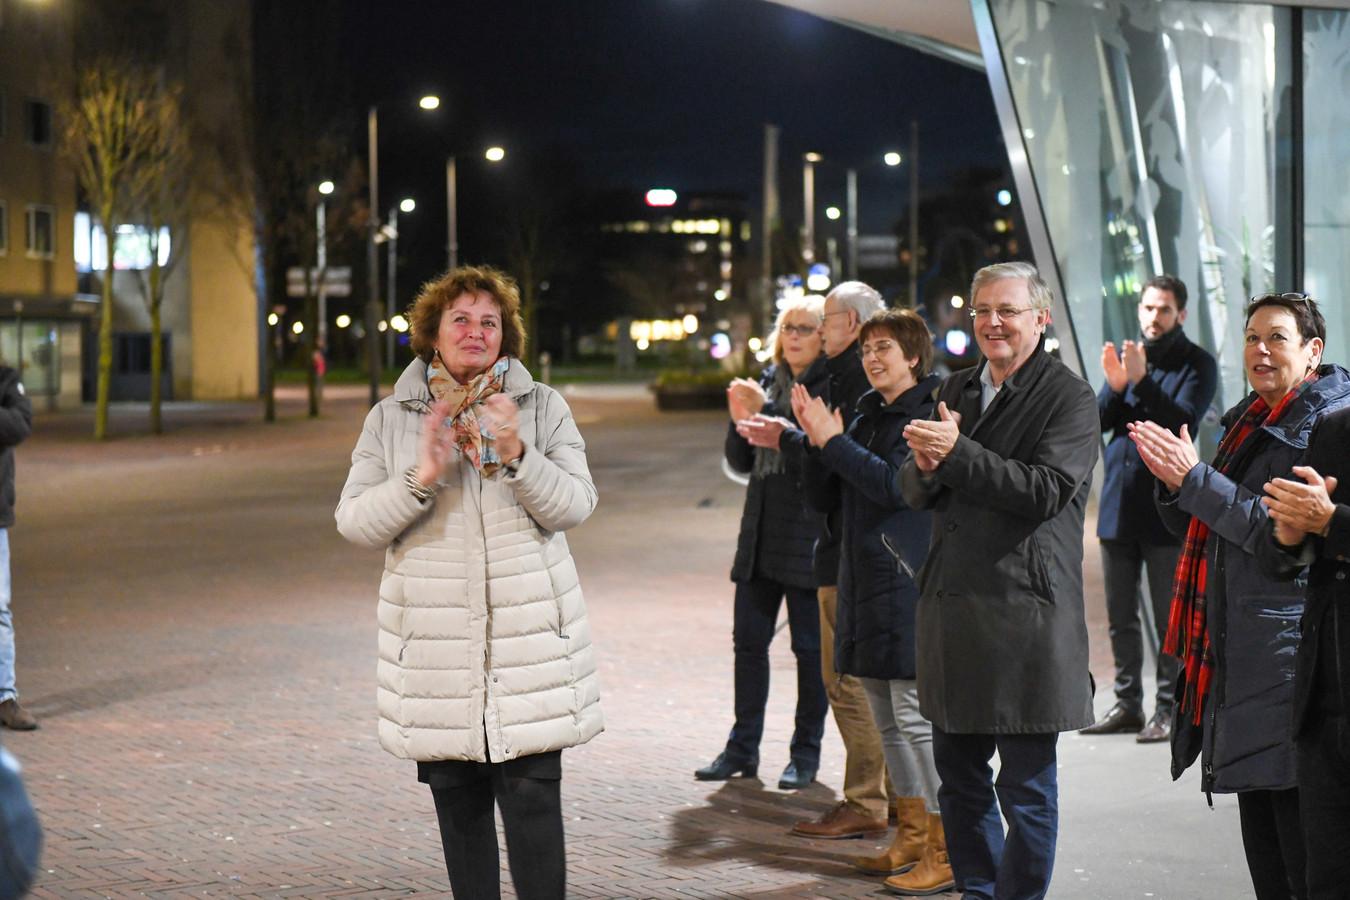 Burgemeester Spies , diverse Alphense raadsleden en burgers klappen.